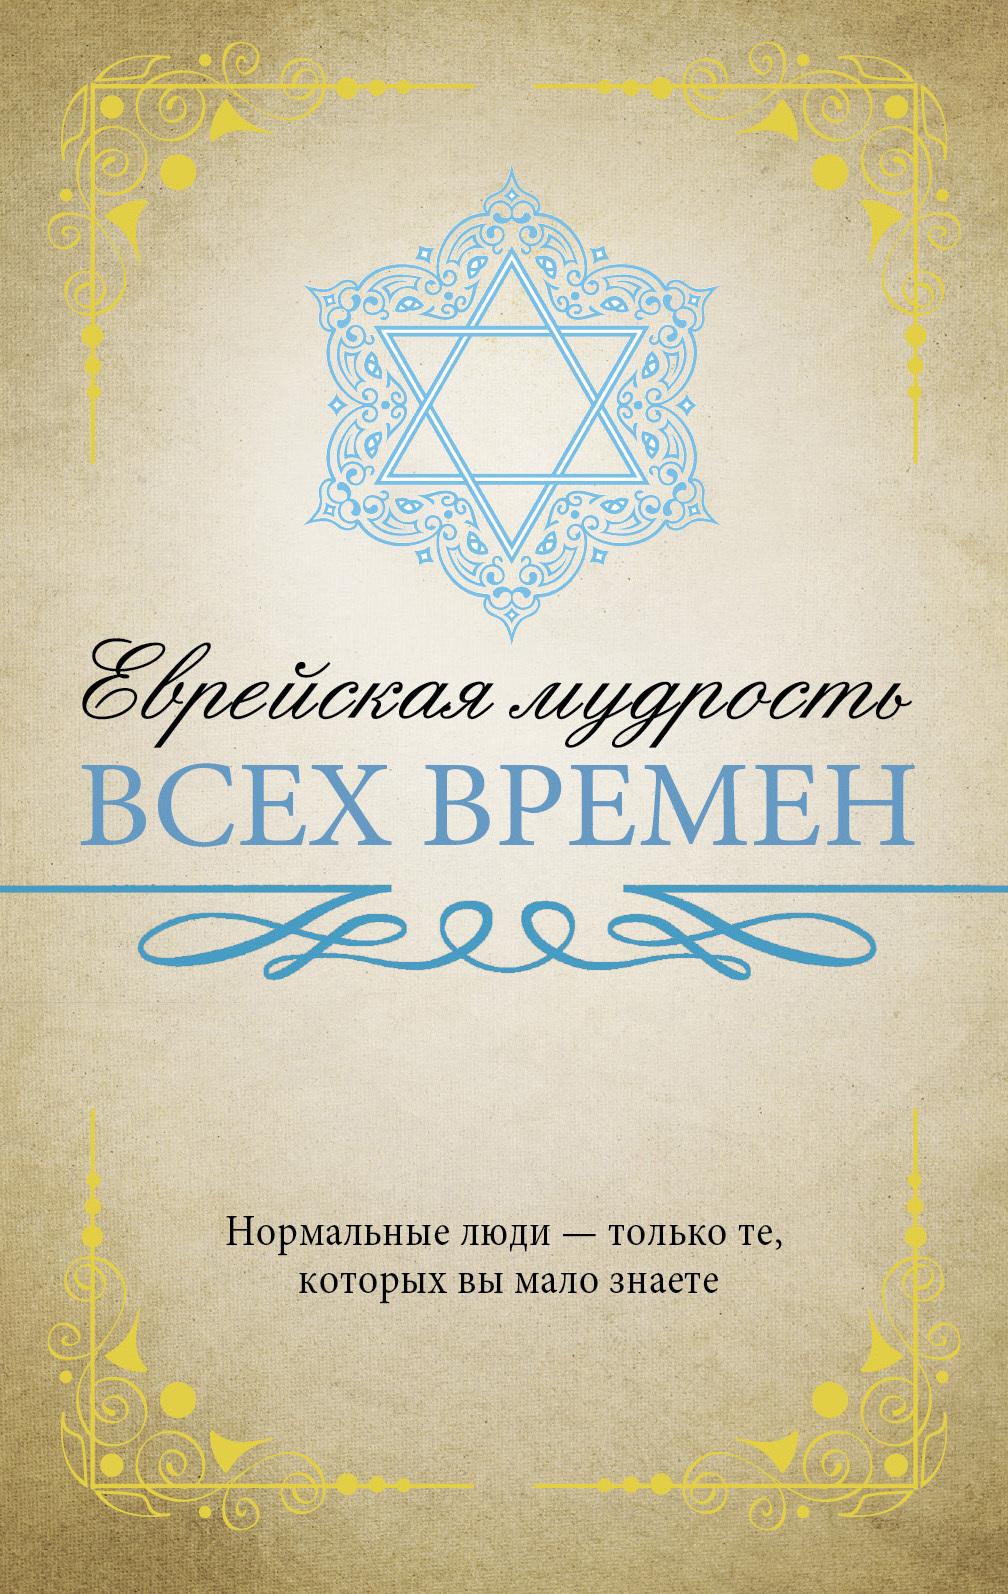 Нина Ильина - Еврейская мудрость всех времен